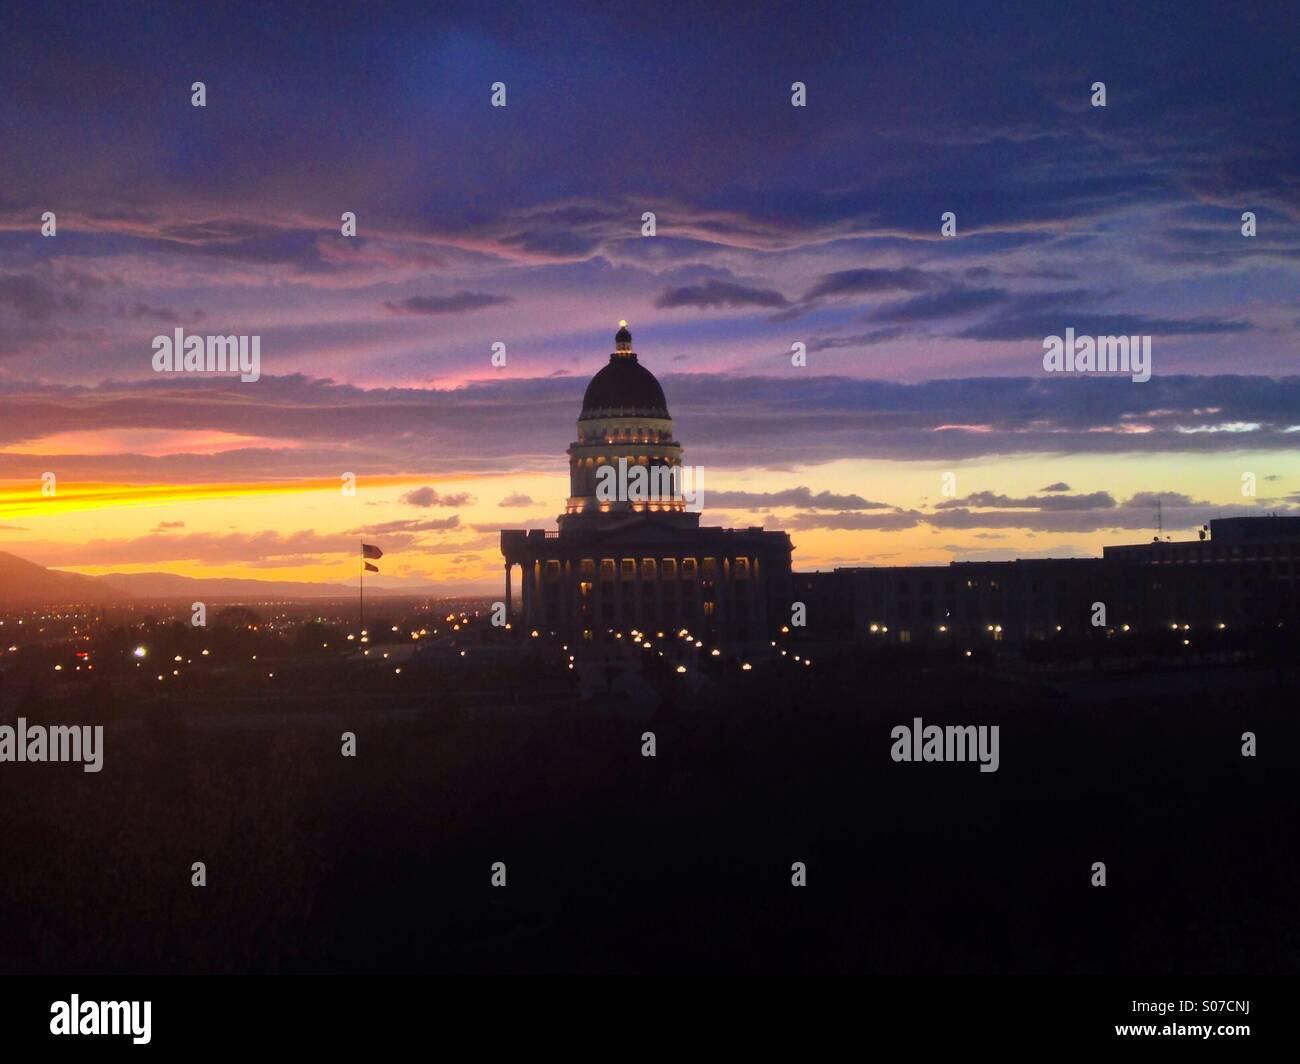 Sonnenuntergang über der Utah State Capitol building in Salt Lake City. Stockbild